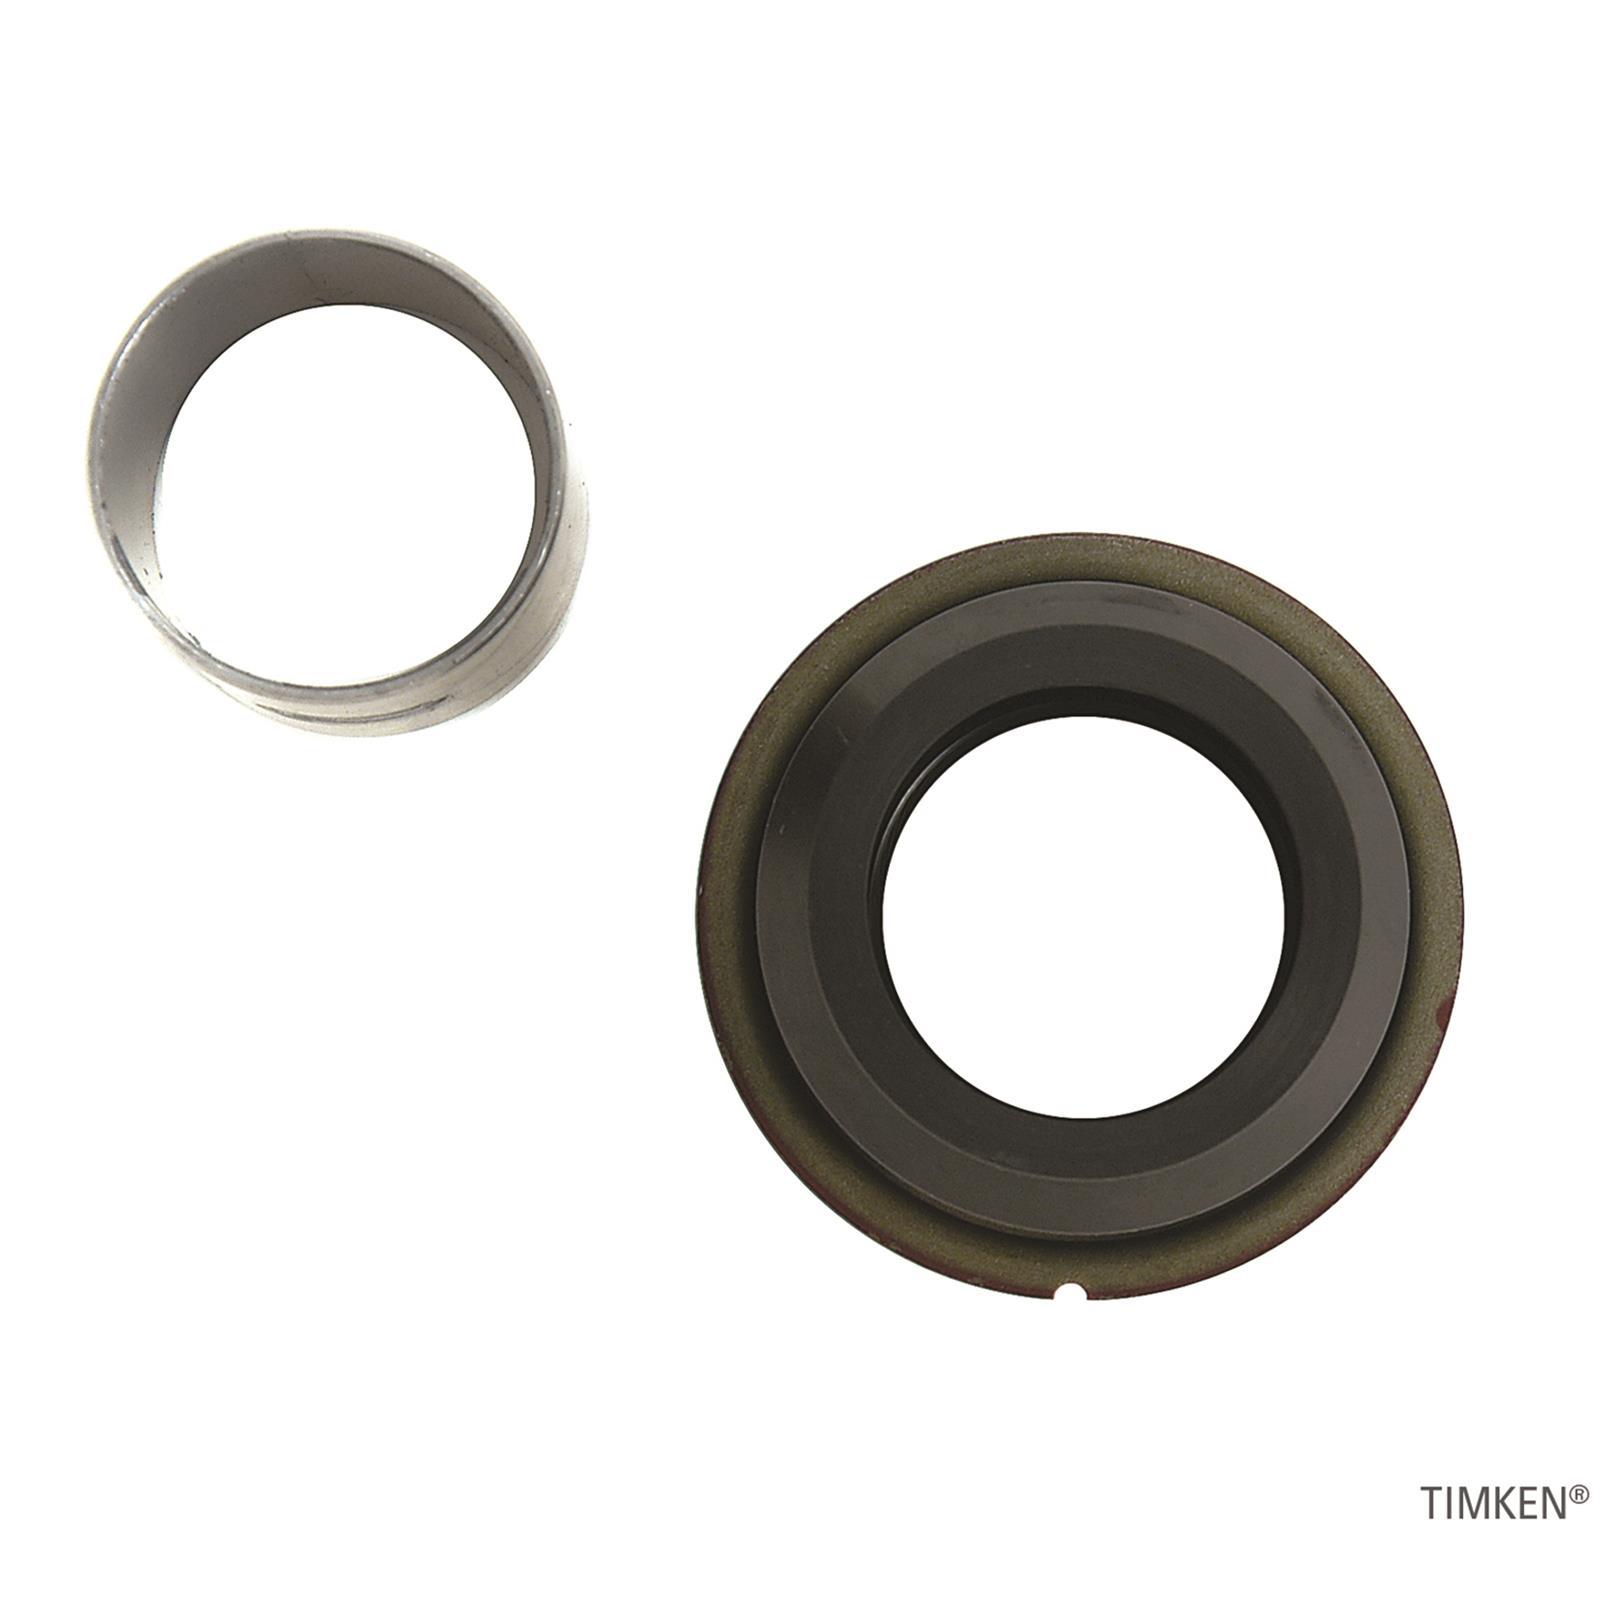 Timken 5203 Seal